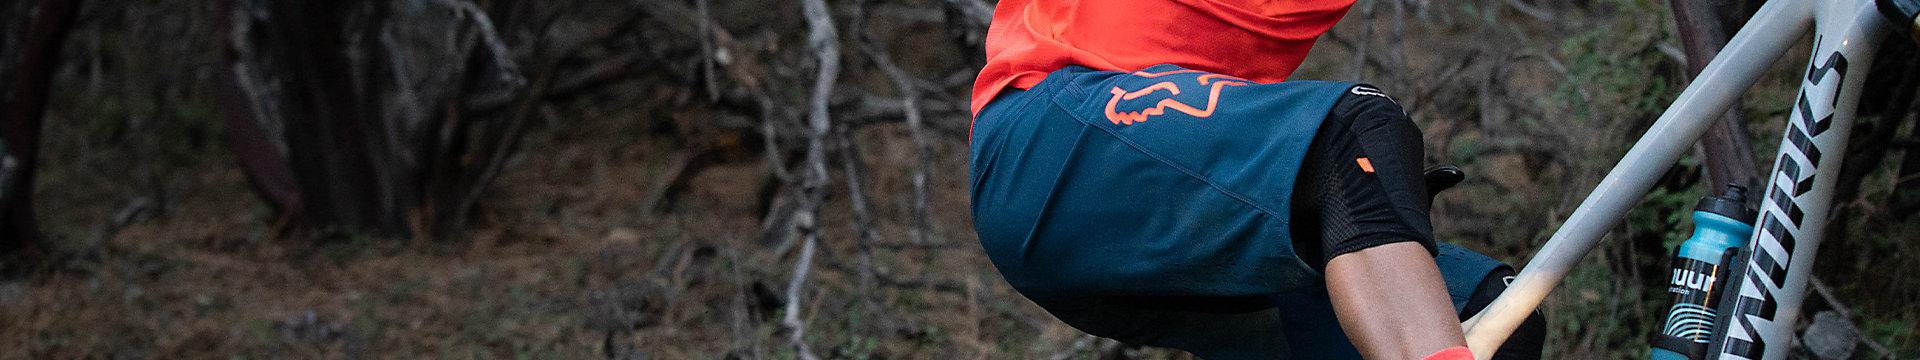 Fox MTB Shorts